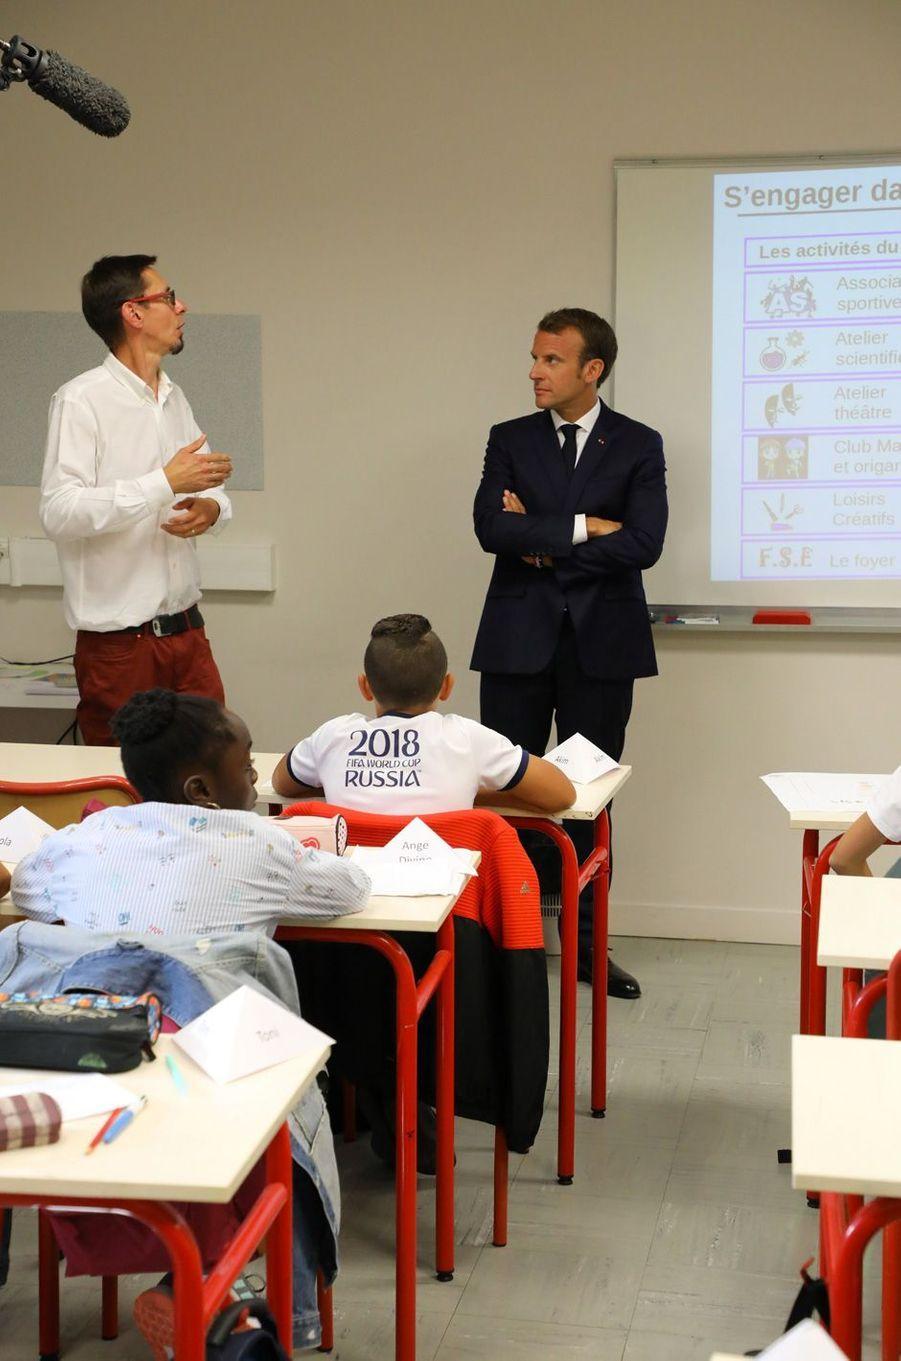 Emmanuel Macrona été accueilli lundi matindans un collège de Lavaloù il a assisté à la rentrée des classes des élèves de 6e.